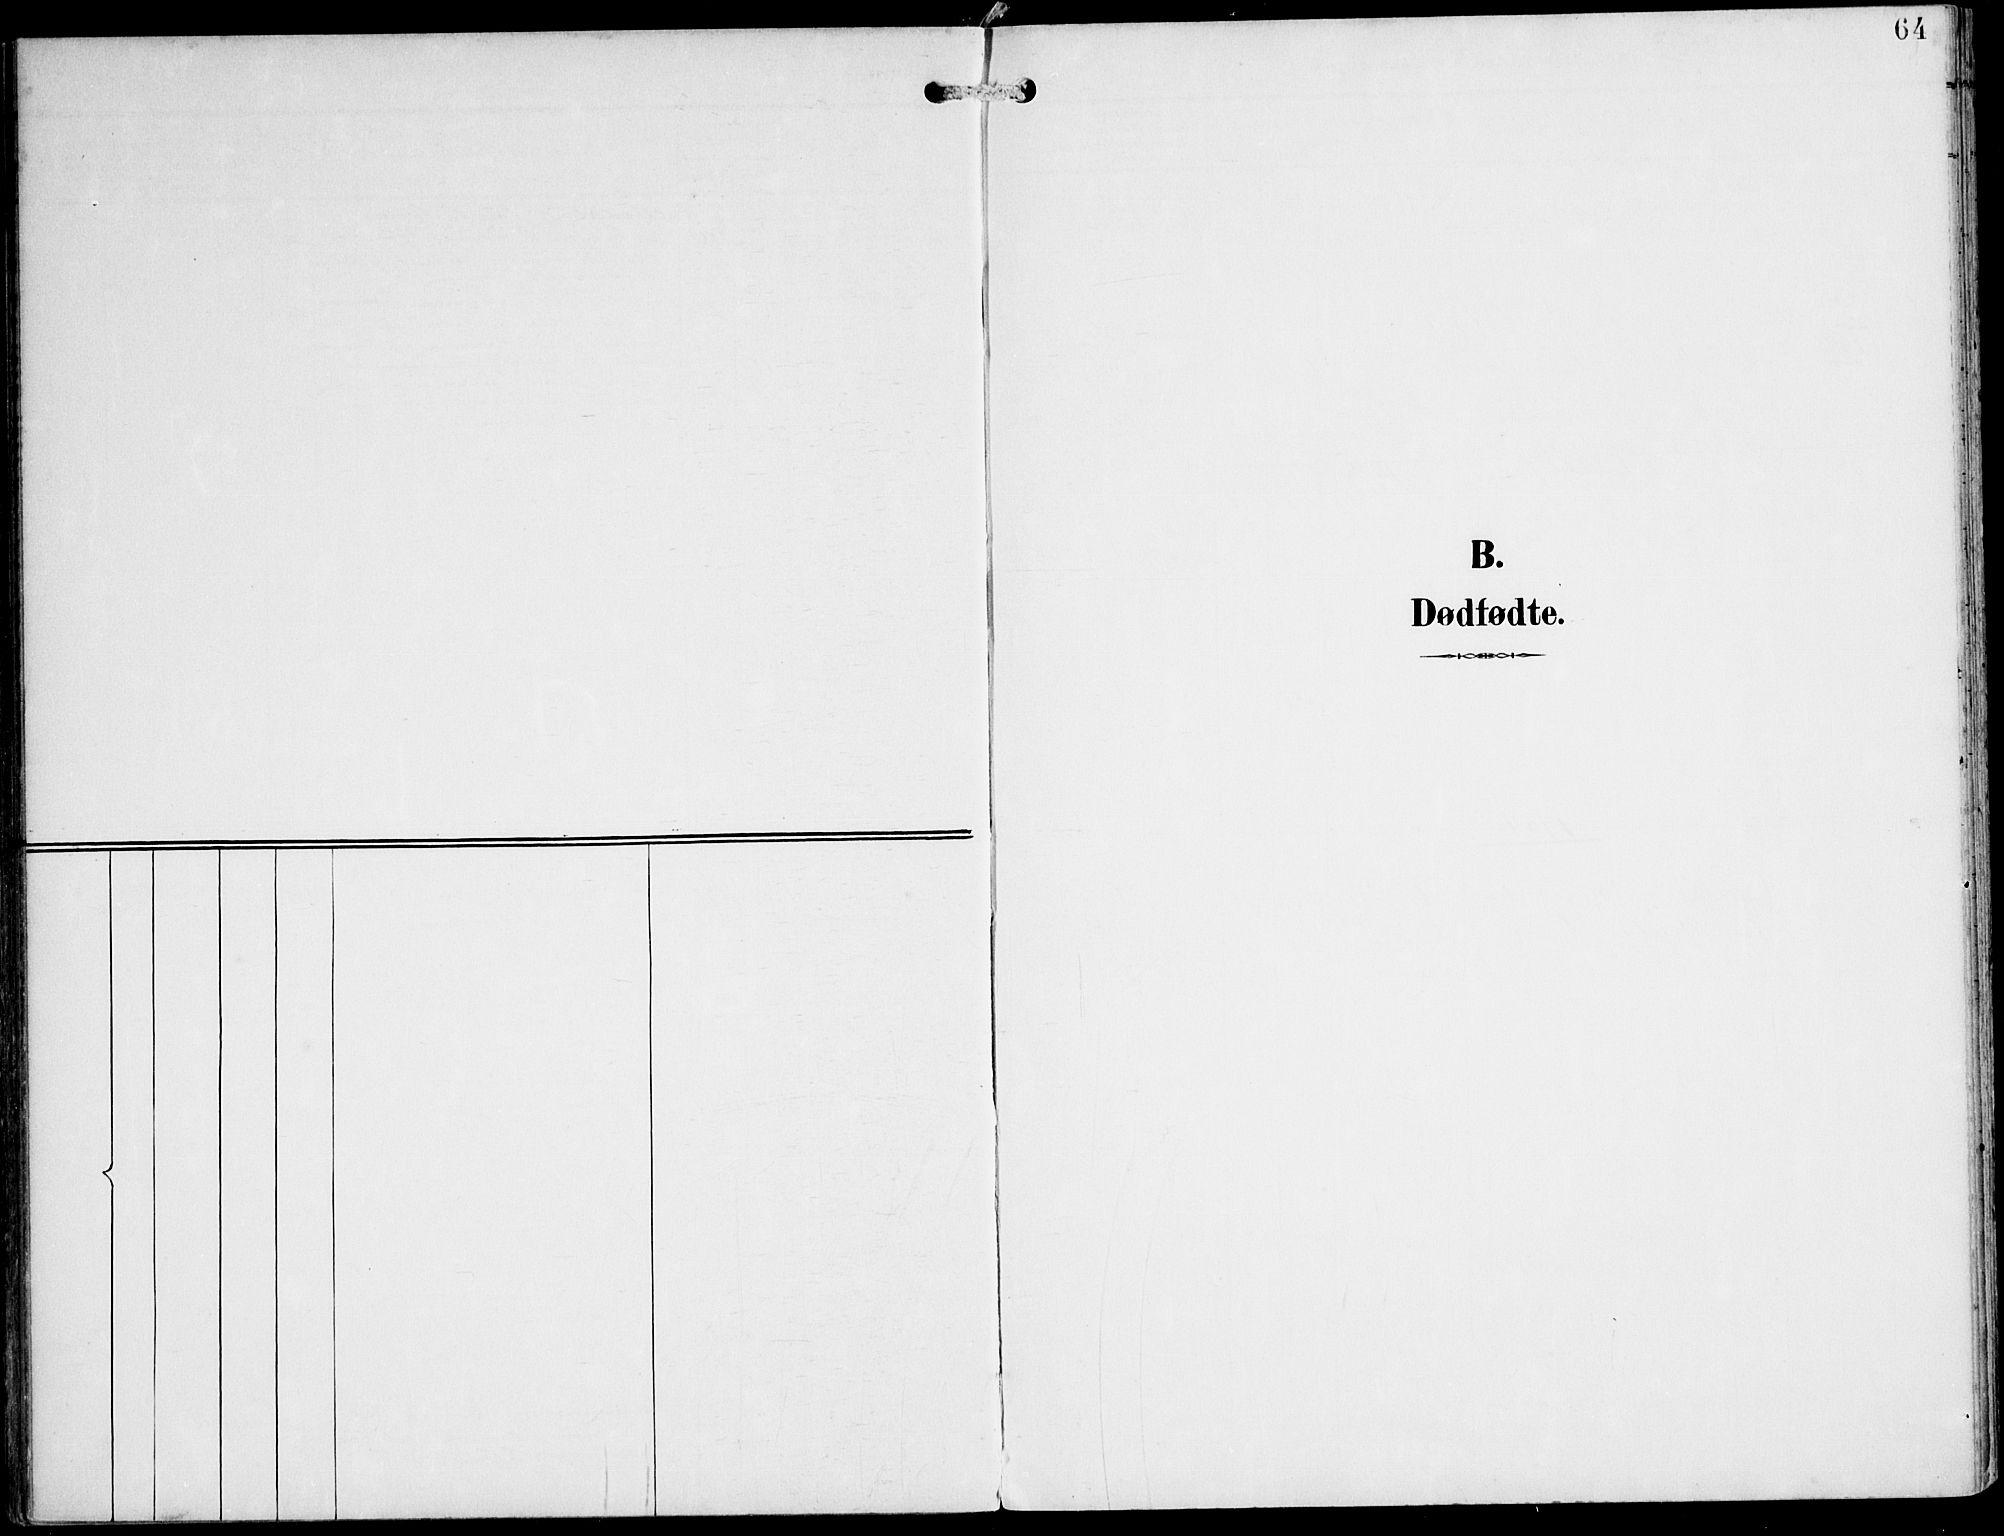 SAT, Ministerialprotokoller, klokkerbøker og fødselsregistre - Nord-Trøndelag, 745/L0430: Ministerialbok nr. 745A02, 1895-1913, s. 64